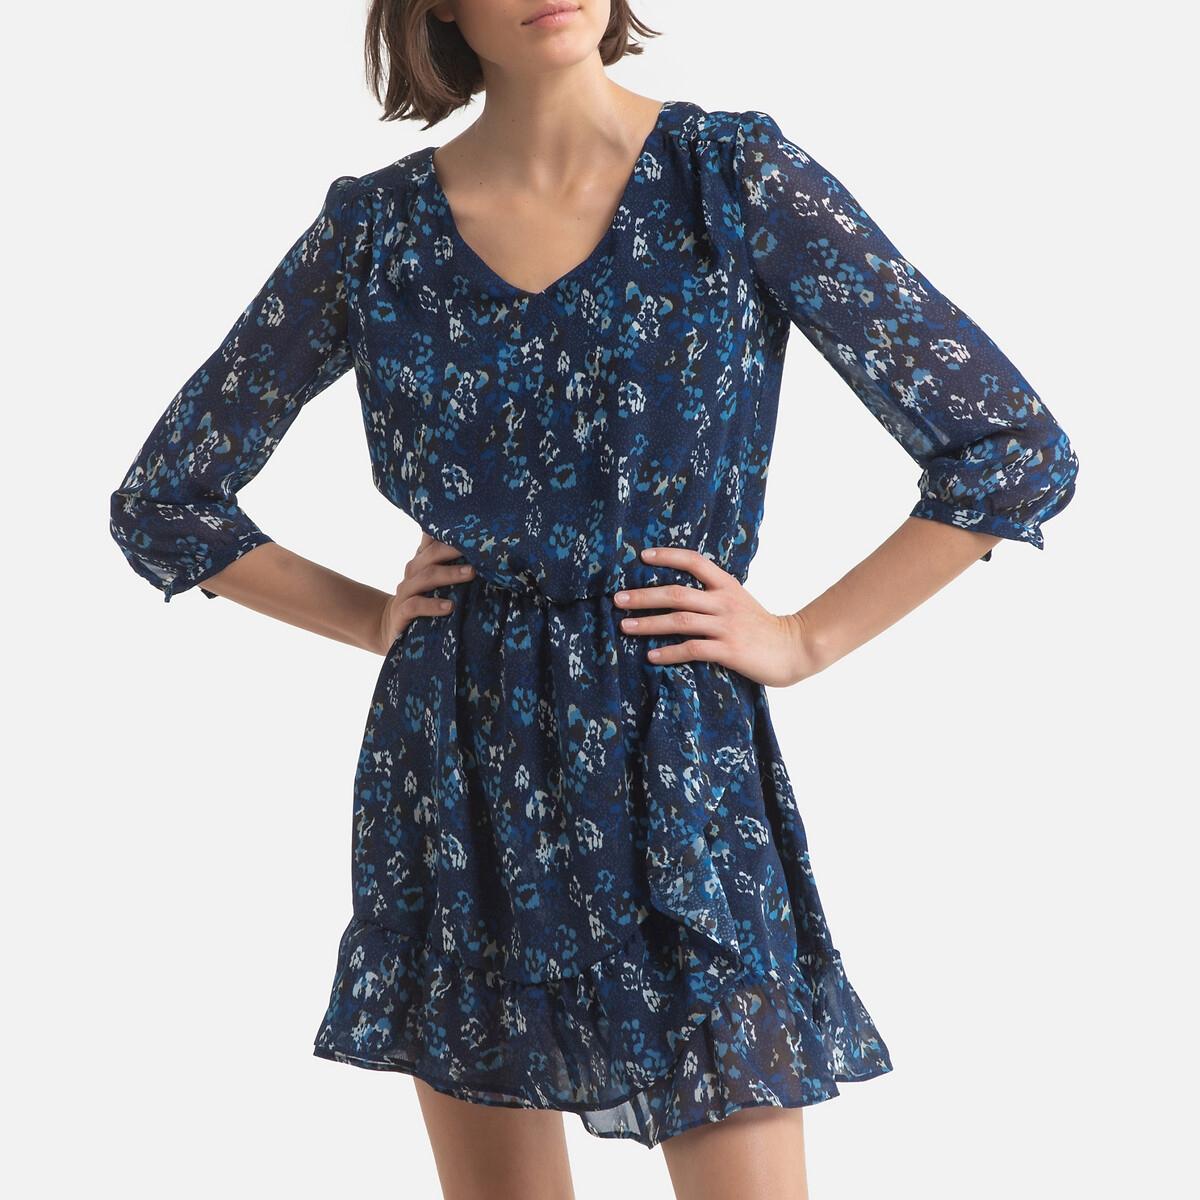 Платье LaRedoute Короткое расклешенное с длинными рукавами 40 (FR) - 46 (RUS) синий рубашка laredoute с v образным вырезом и длинными рукавами 46 fr 52 rus бежевый